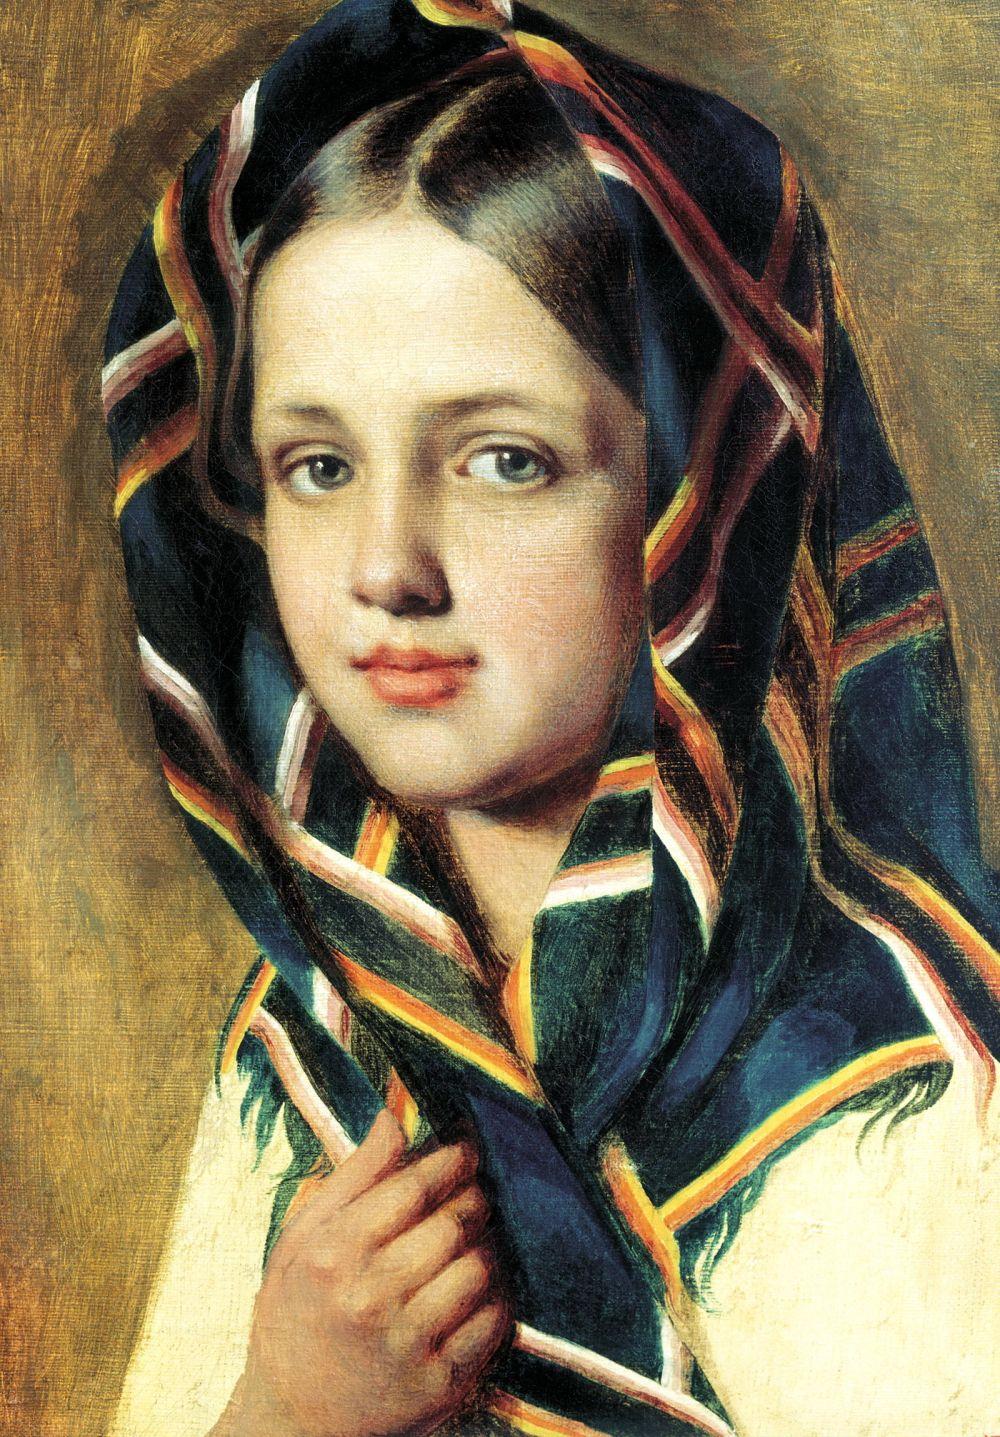 В 1829 году Венецианов получил статус придворного живописца Он продолжал писать портреты обеспеченных слоёв общества, но не забывал и о крестьянах. Многие работы художника того времени сейчас находятся в Третьяковской галерее или Государственном Русском музее.